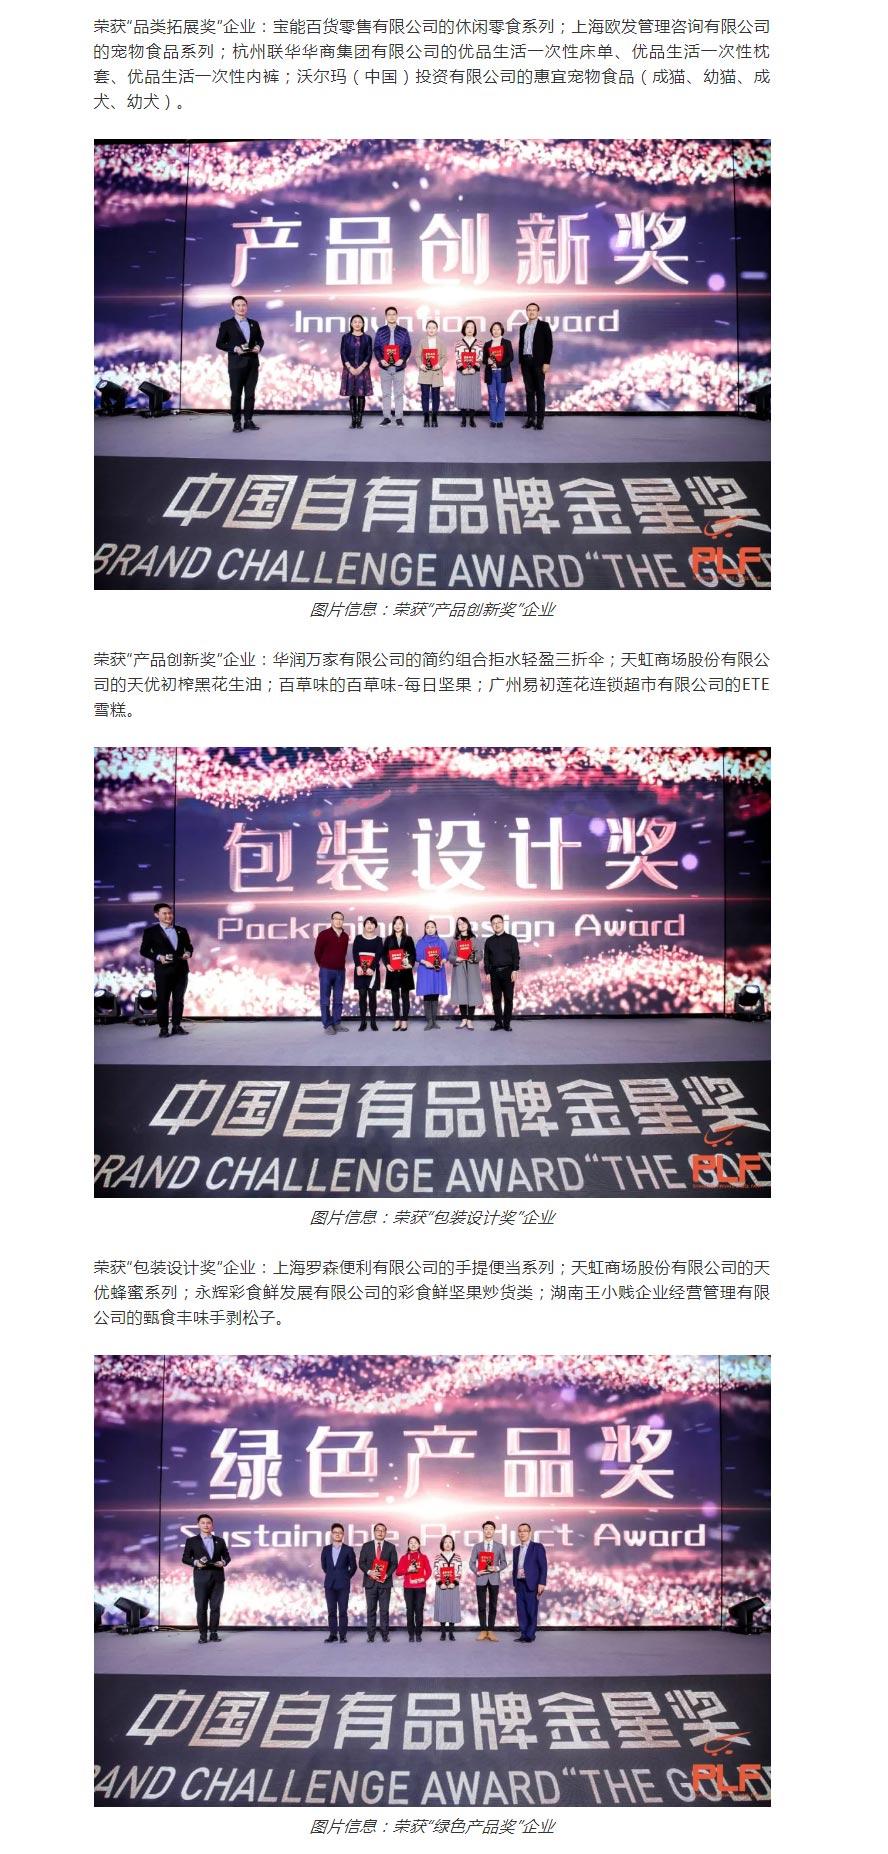 【盛典】中国自有品牌金星奖颁奖晚宴_02.jpg